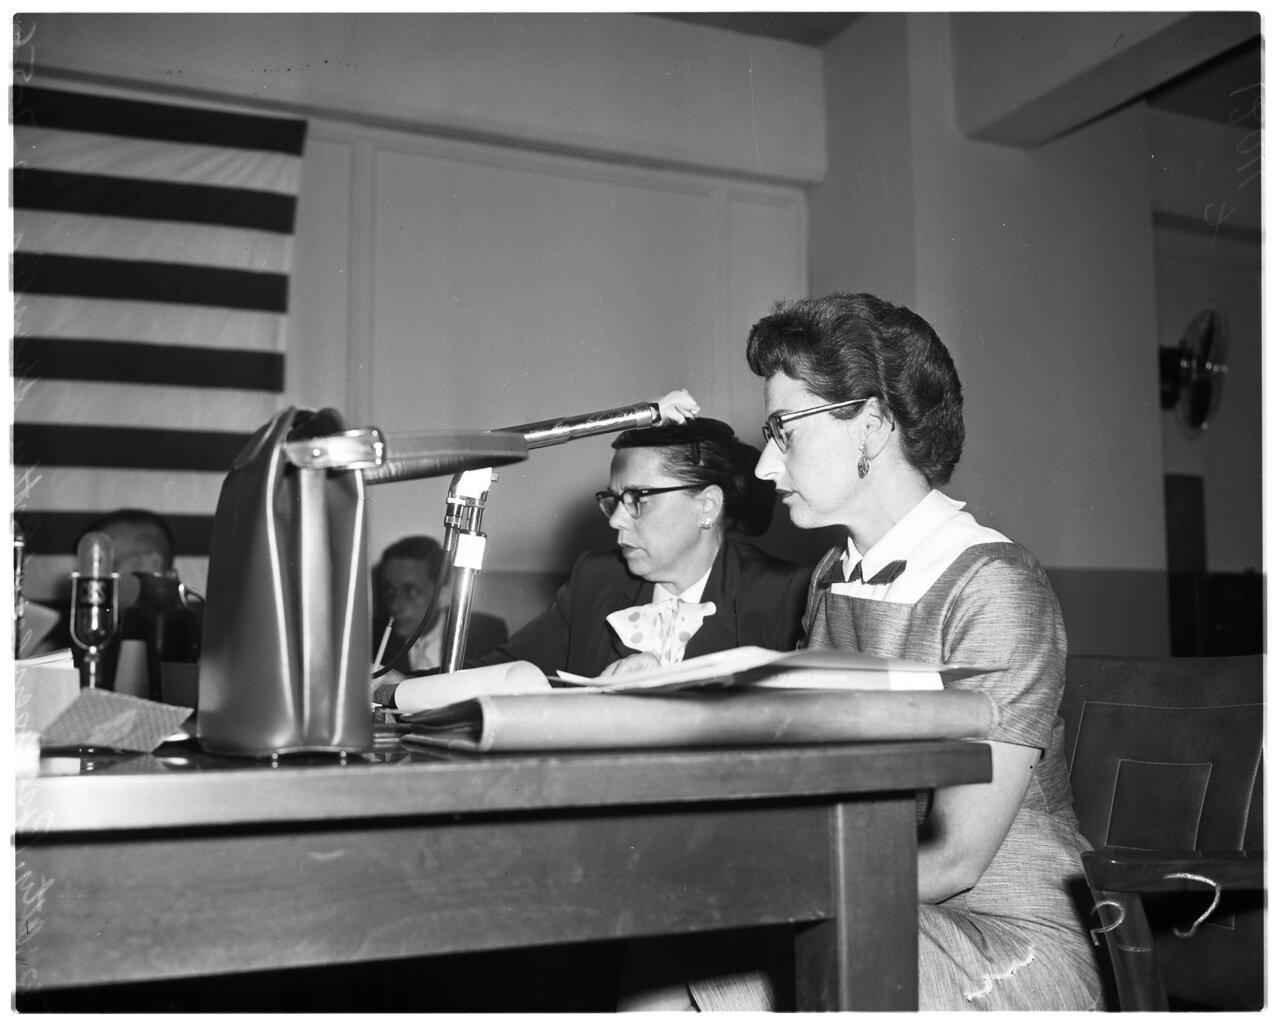 1956. 7 декабря. Комиссия по расследованию антиамериканской деятельности.  Адвокат Роза Розенберг и  Эстер Шандлер